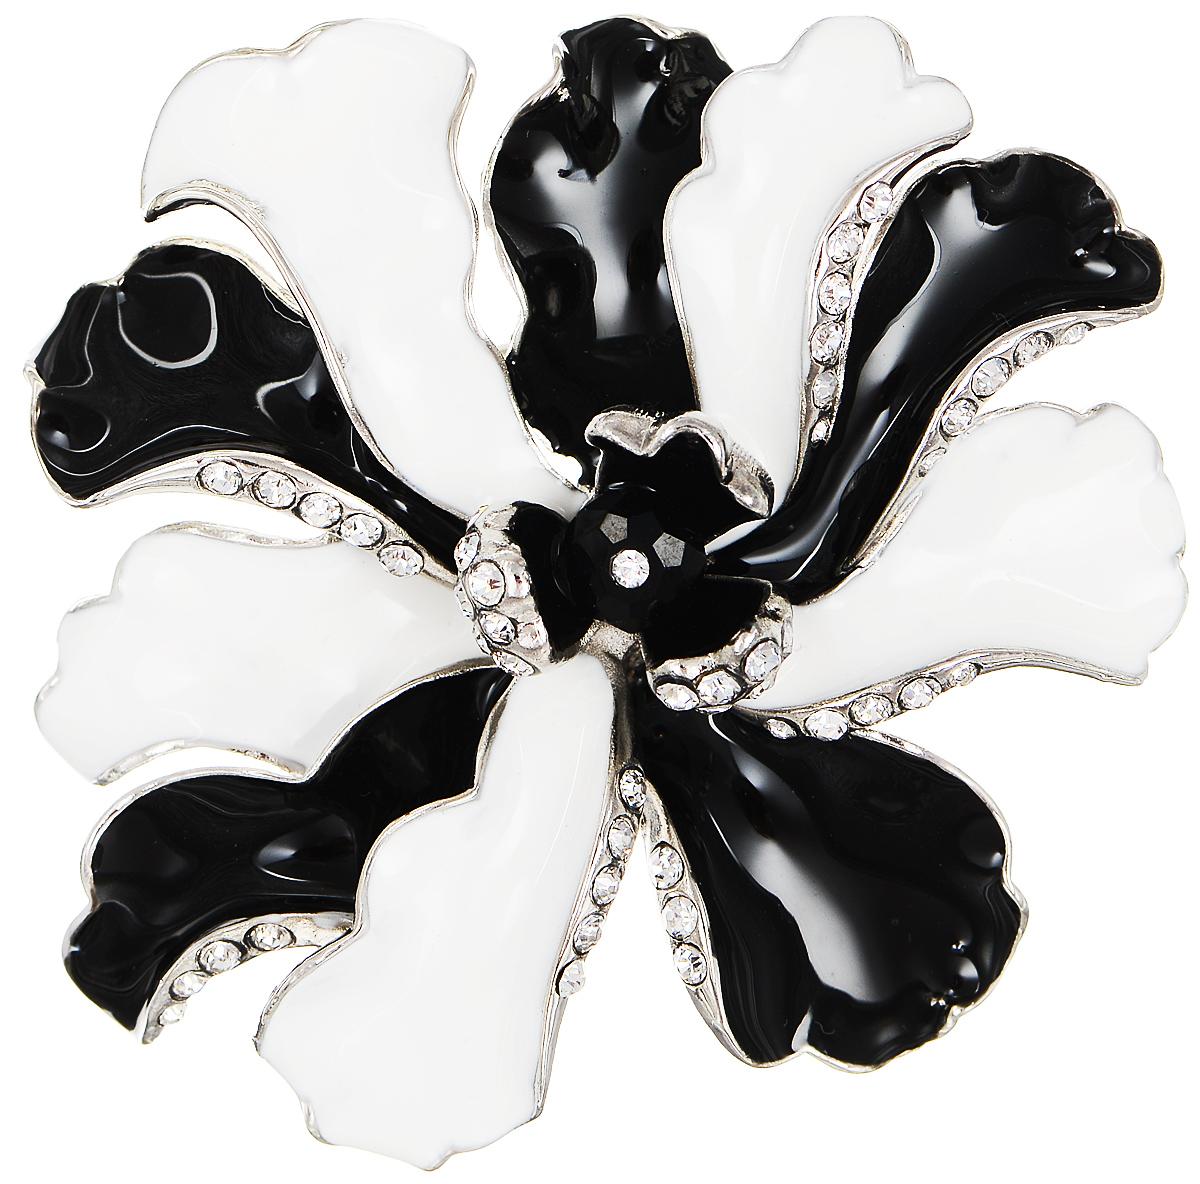 Брошь Selena Street Fashion, цвет: серебристый, белый, черный. 30027060Брошь-булавкаРоскошная брошь Selena Street Fashion изготовлена из латуни с родиевым покрытием в виде цветка. Брошь покрыта эмалью и оформлена кристаллами Preciosa. Изделие крепится с помощью замка-булавки. Такая брошь позволит вам с легкостью воплотить самую смелую фантазию и создать собственный неповторимый образ.